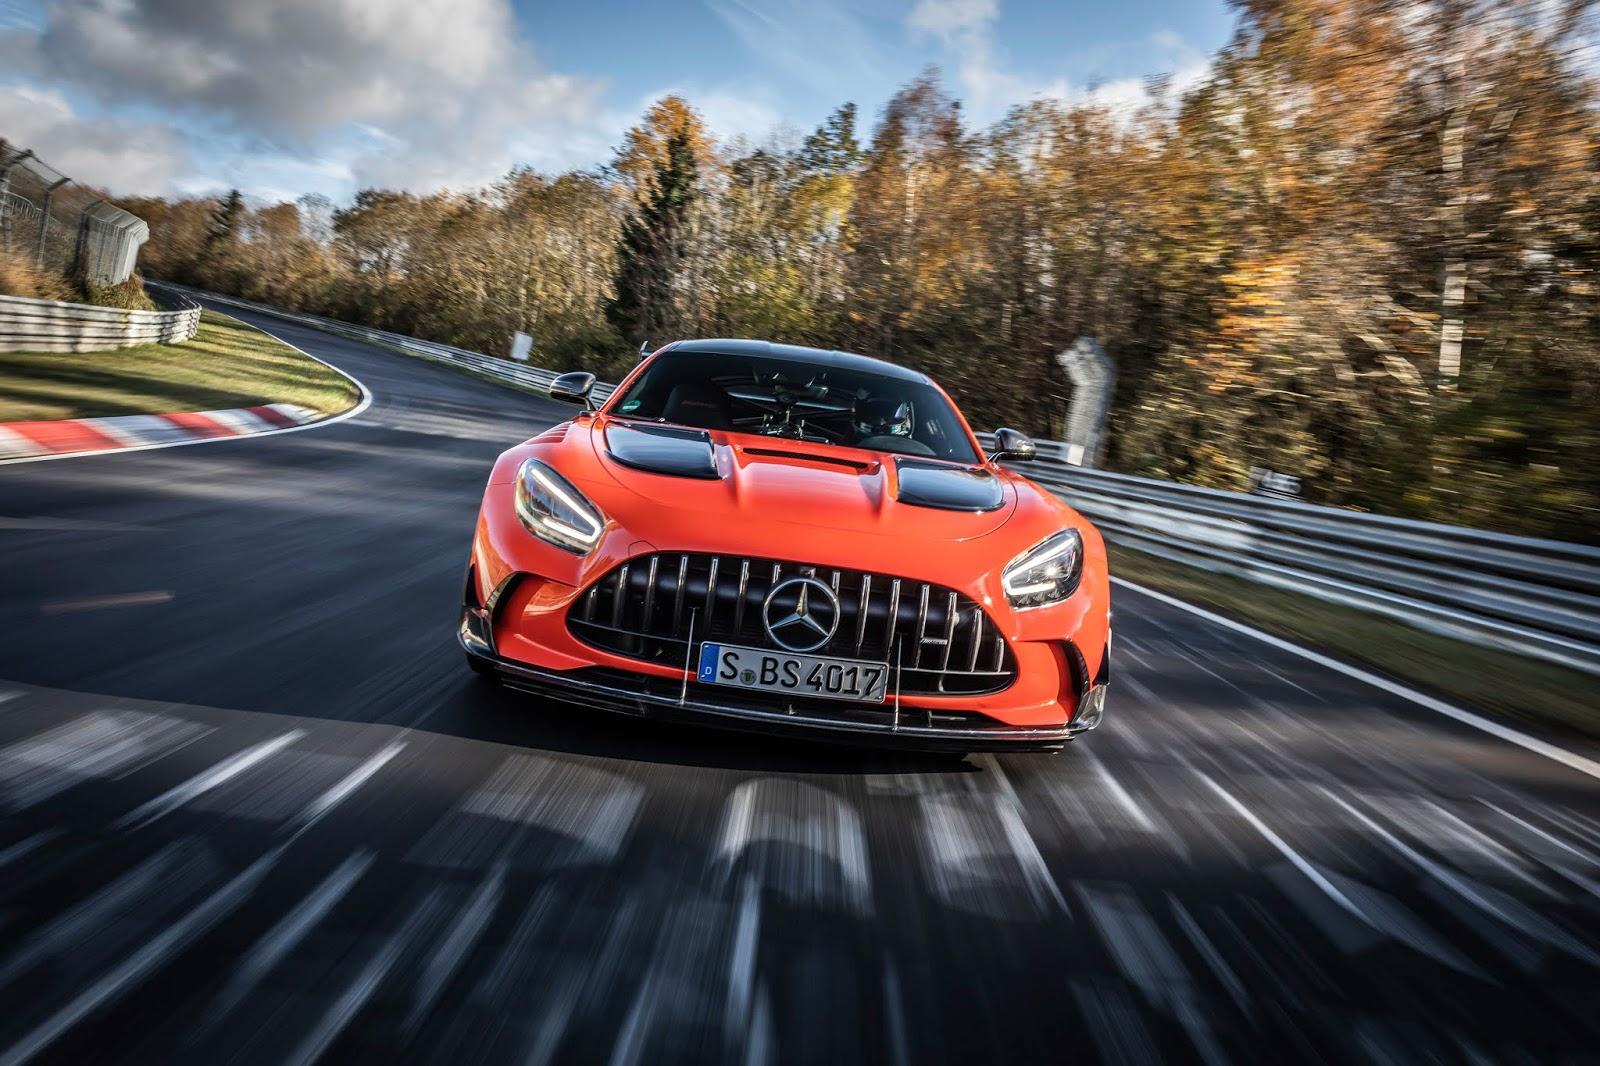 20C0672 001 1 GT Black Series : Η νέα Record Holder του Nurburgring AMG, GT Black Series, Mercedes, Nurburgring, ειδήσεις, Ρεκόρ